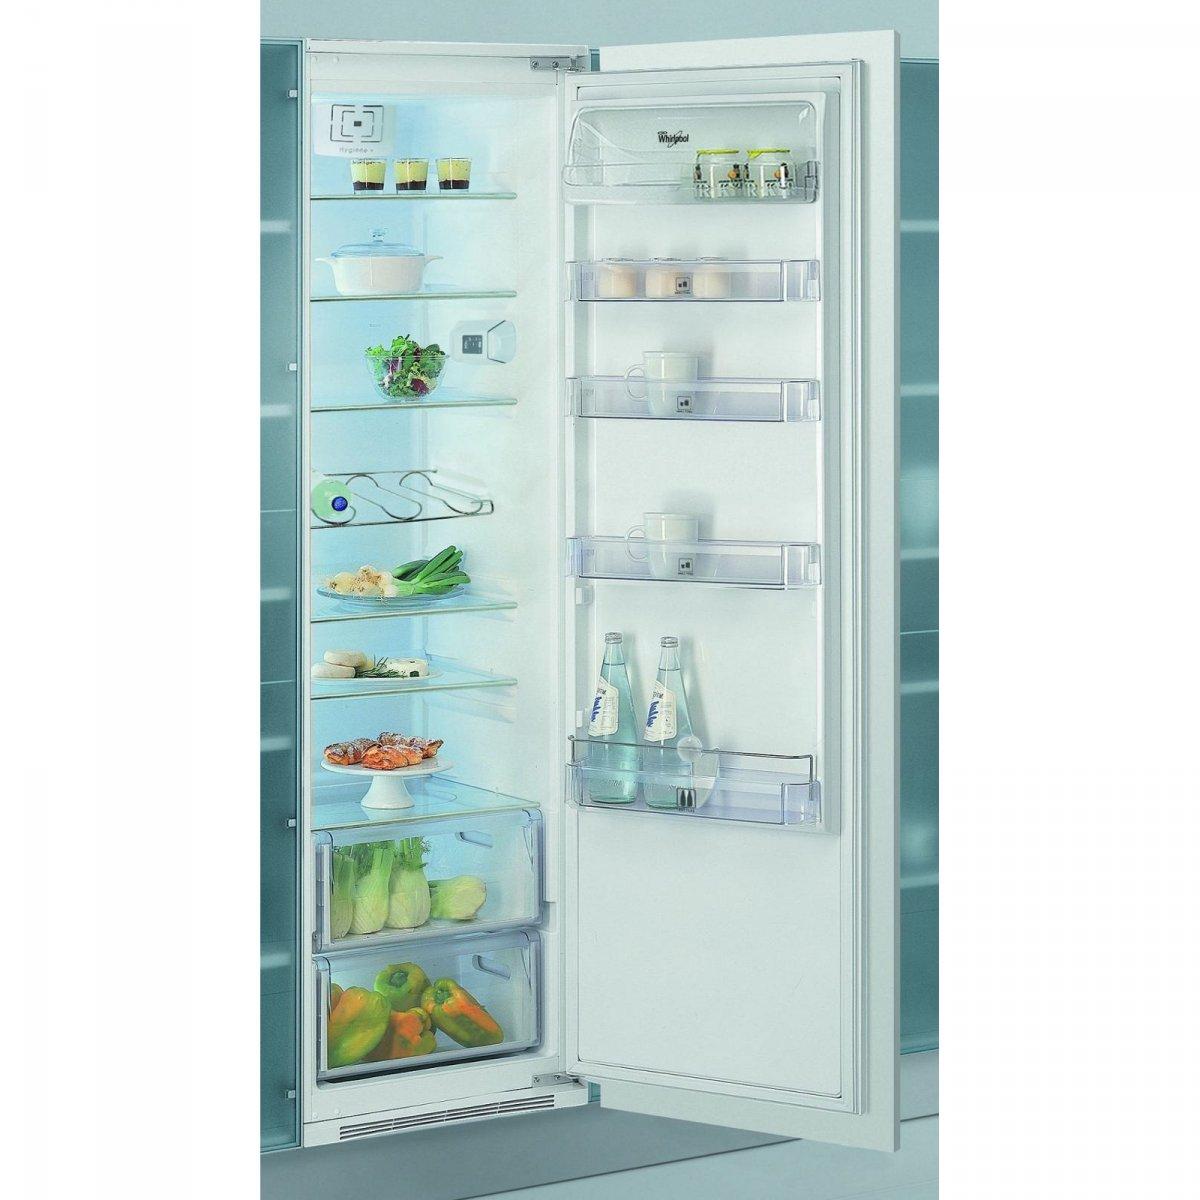 Whirlpool frigorifero arz009a 8 whirlpool - Frigoriferi monoporta senza congelatore ...